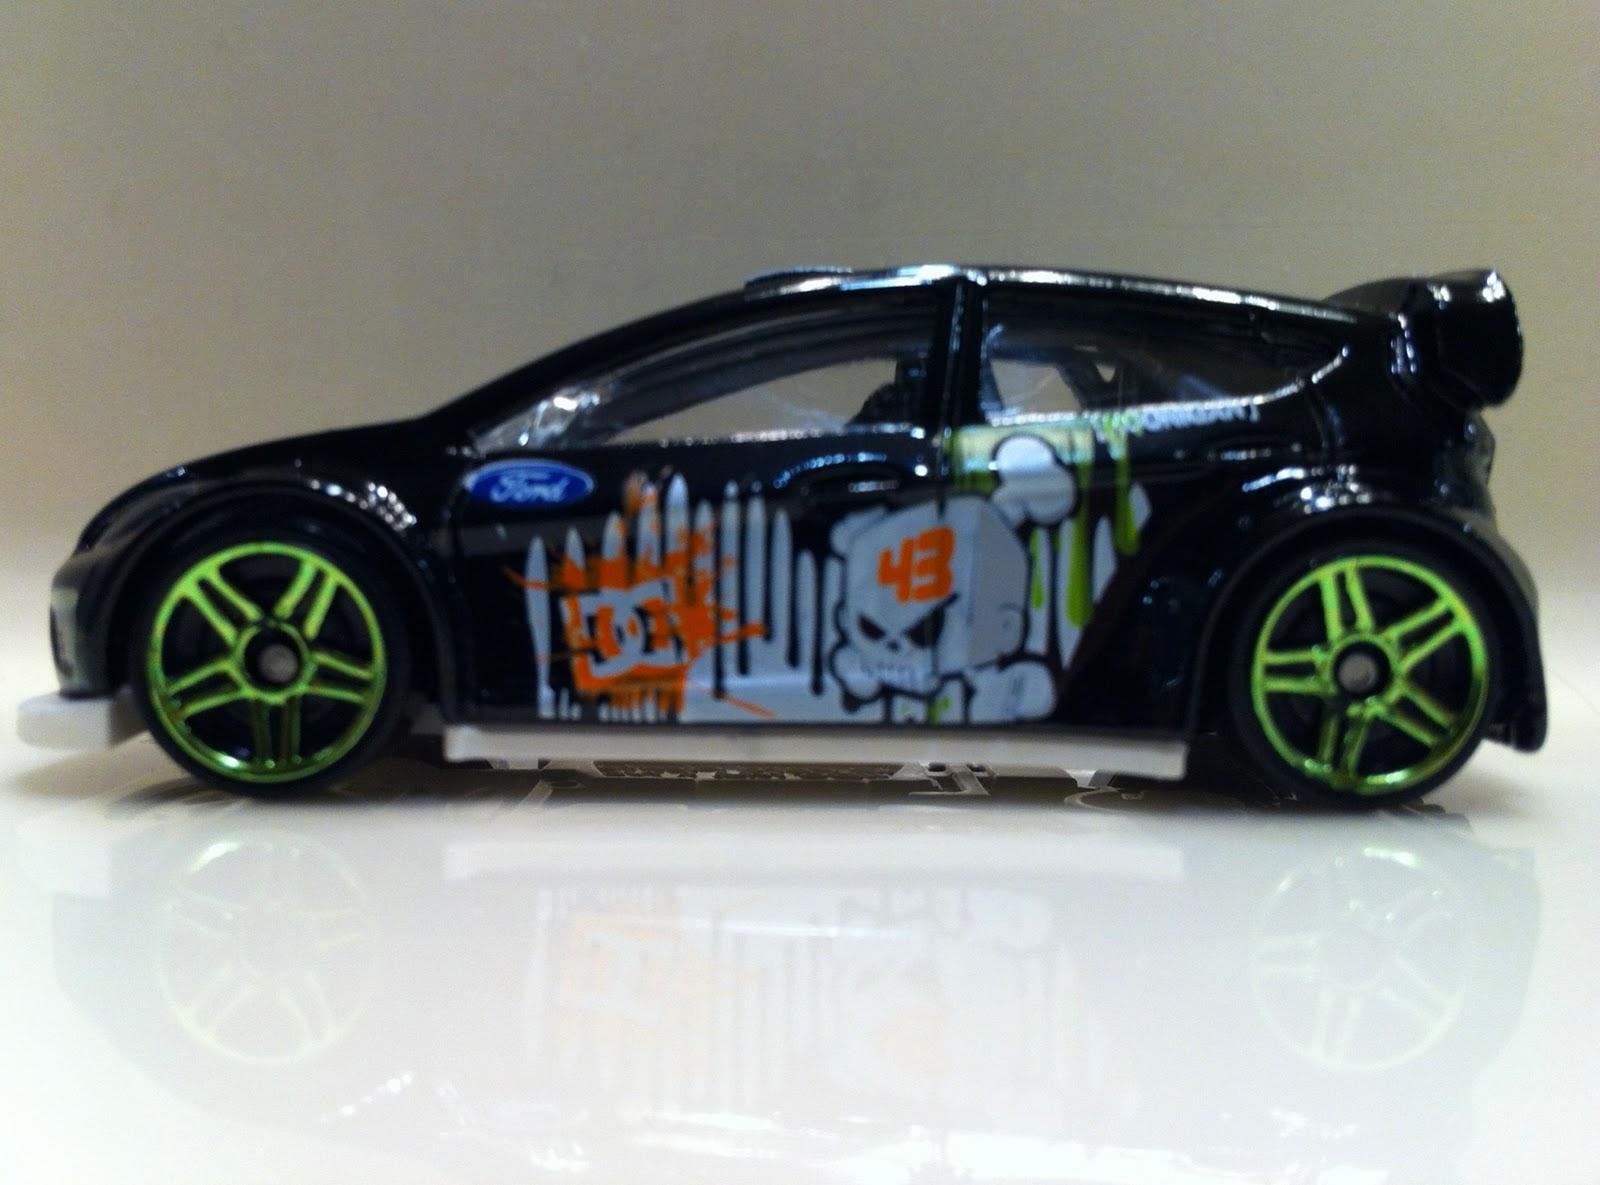 http://2.bp.blogspot.com/-PlGdmFfnfCE/TtMO31ZZmWI/AAAAAAAACO4/YllEO4g5ZfQ/s1600/Ken+Block%2527s+Ford+Fiesta+3.JPG